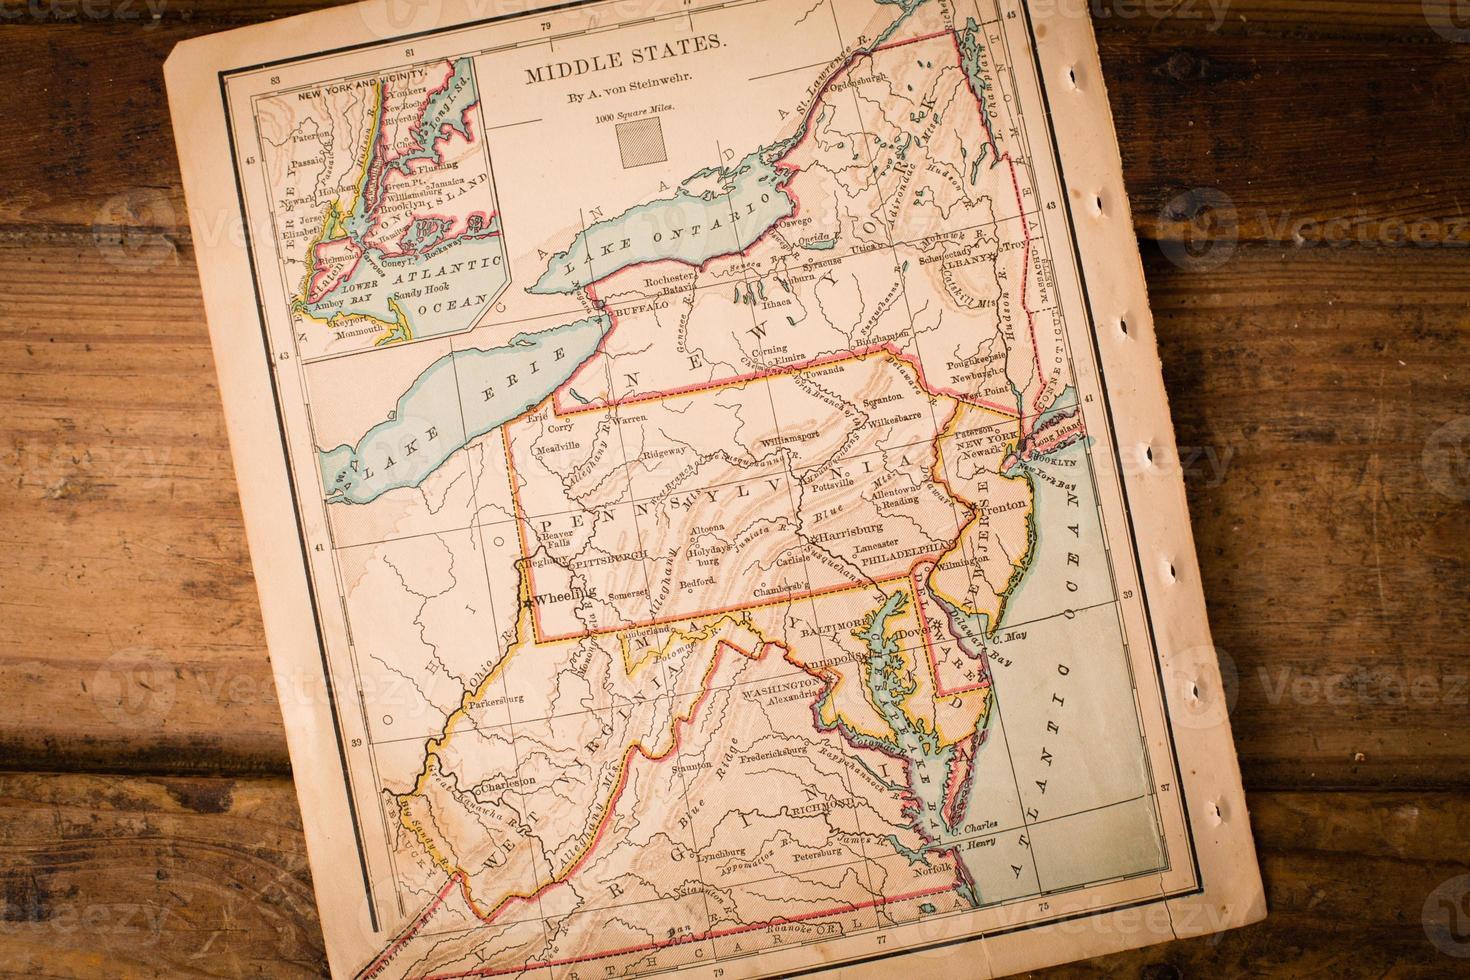 ancienne carte des États du milieu, assis à angle sur tronc de bois photo